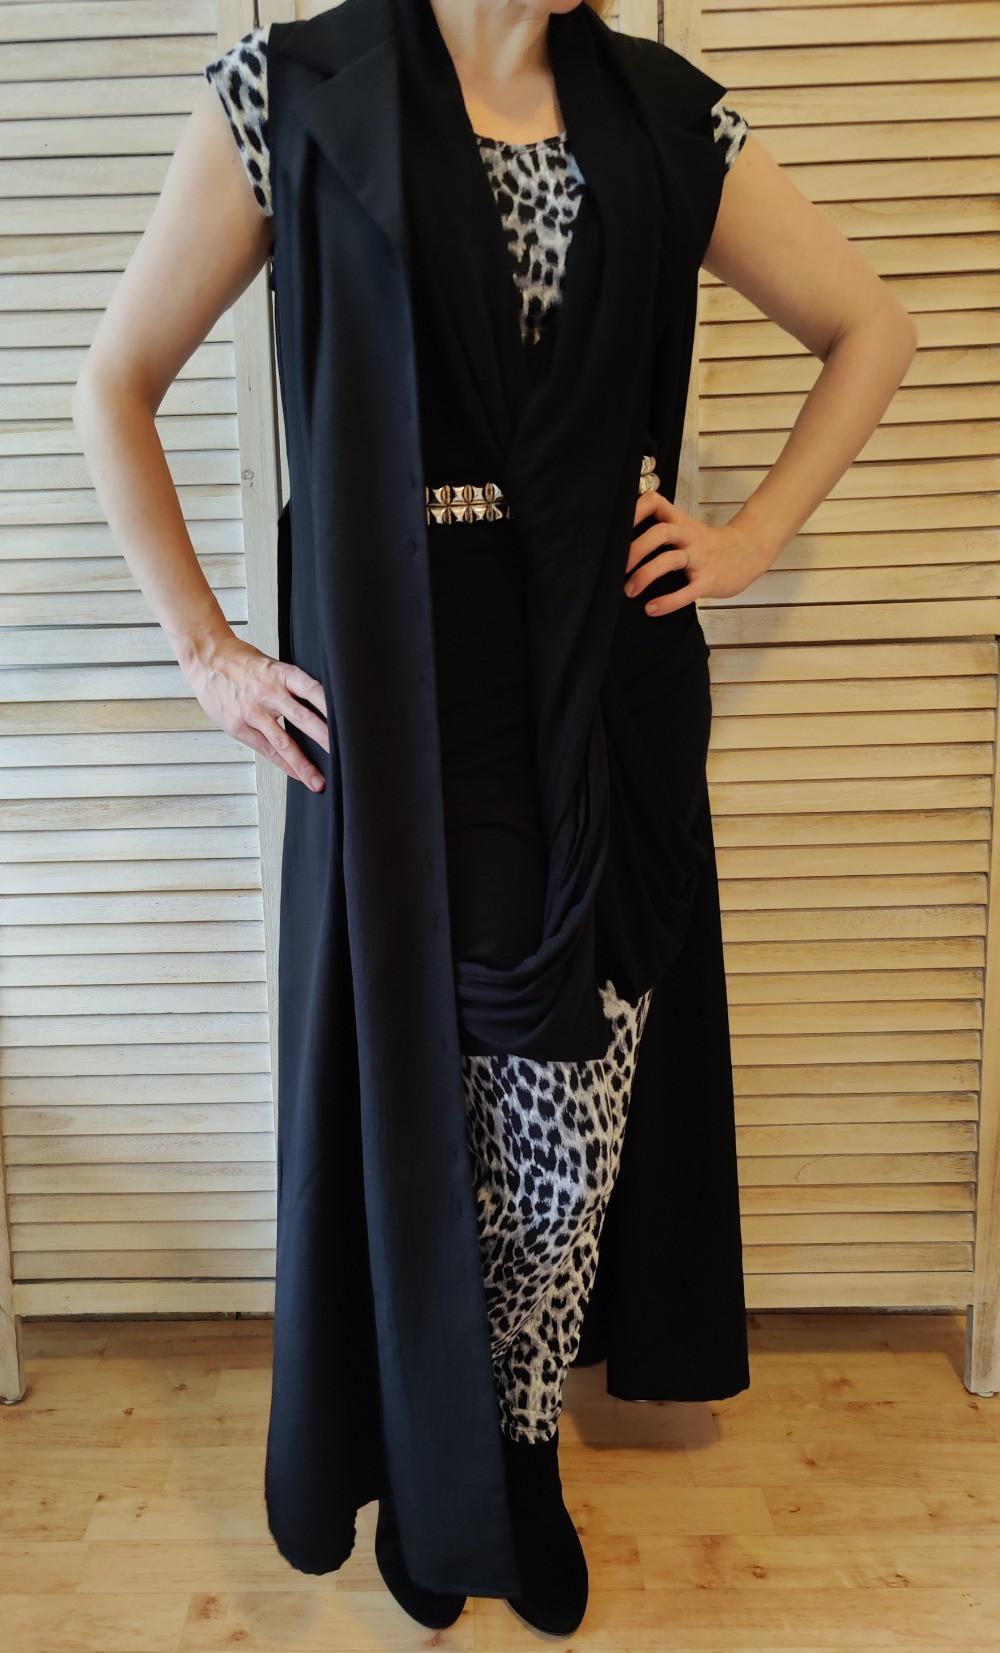 #mekkotyylillä #pukeutumispalvelut #tyylikäspukeutuminen